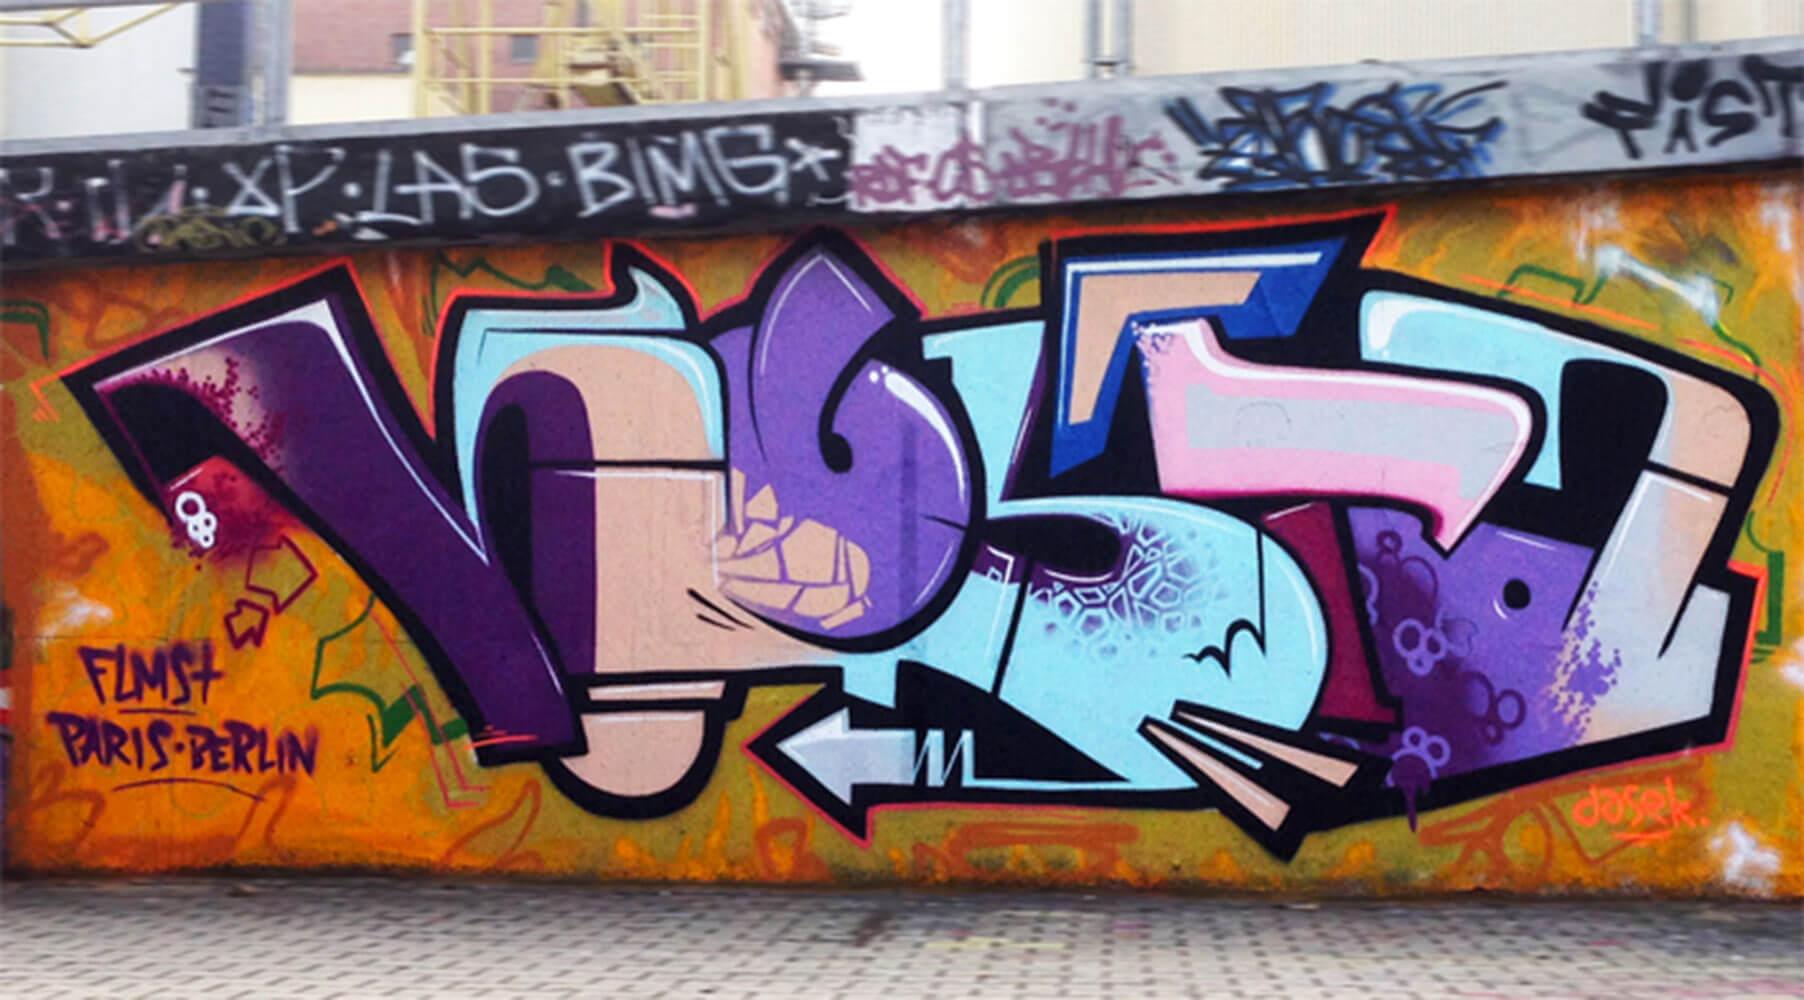 Graffiti Erfurt (Saline) Kosta - Max Kosta 2013